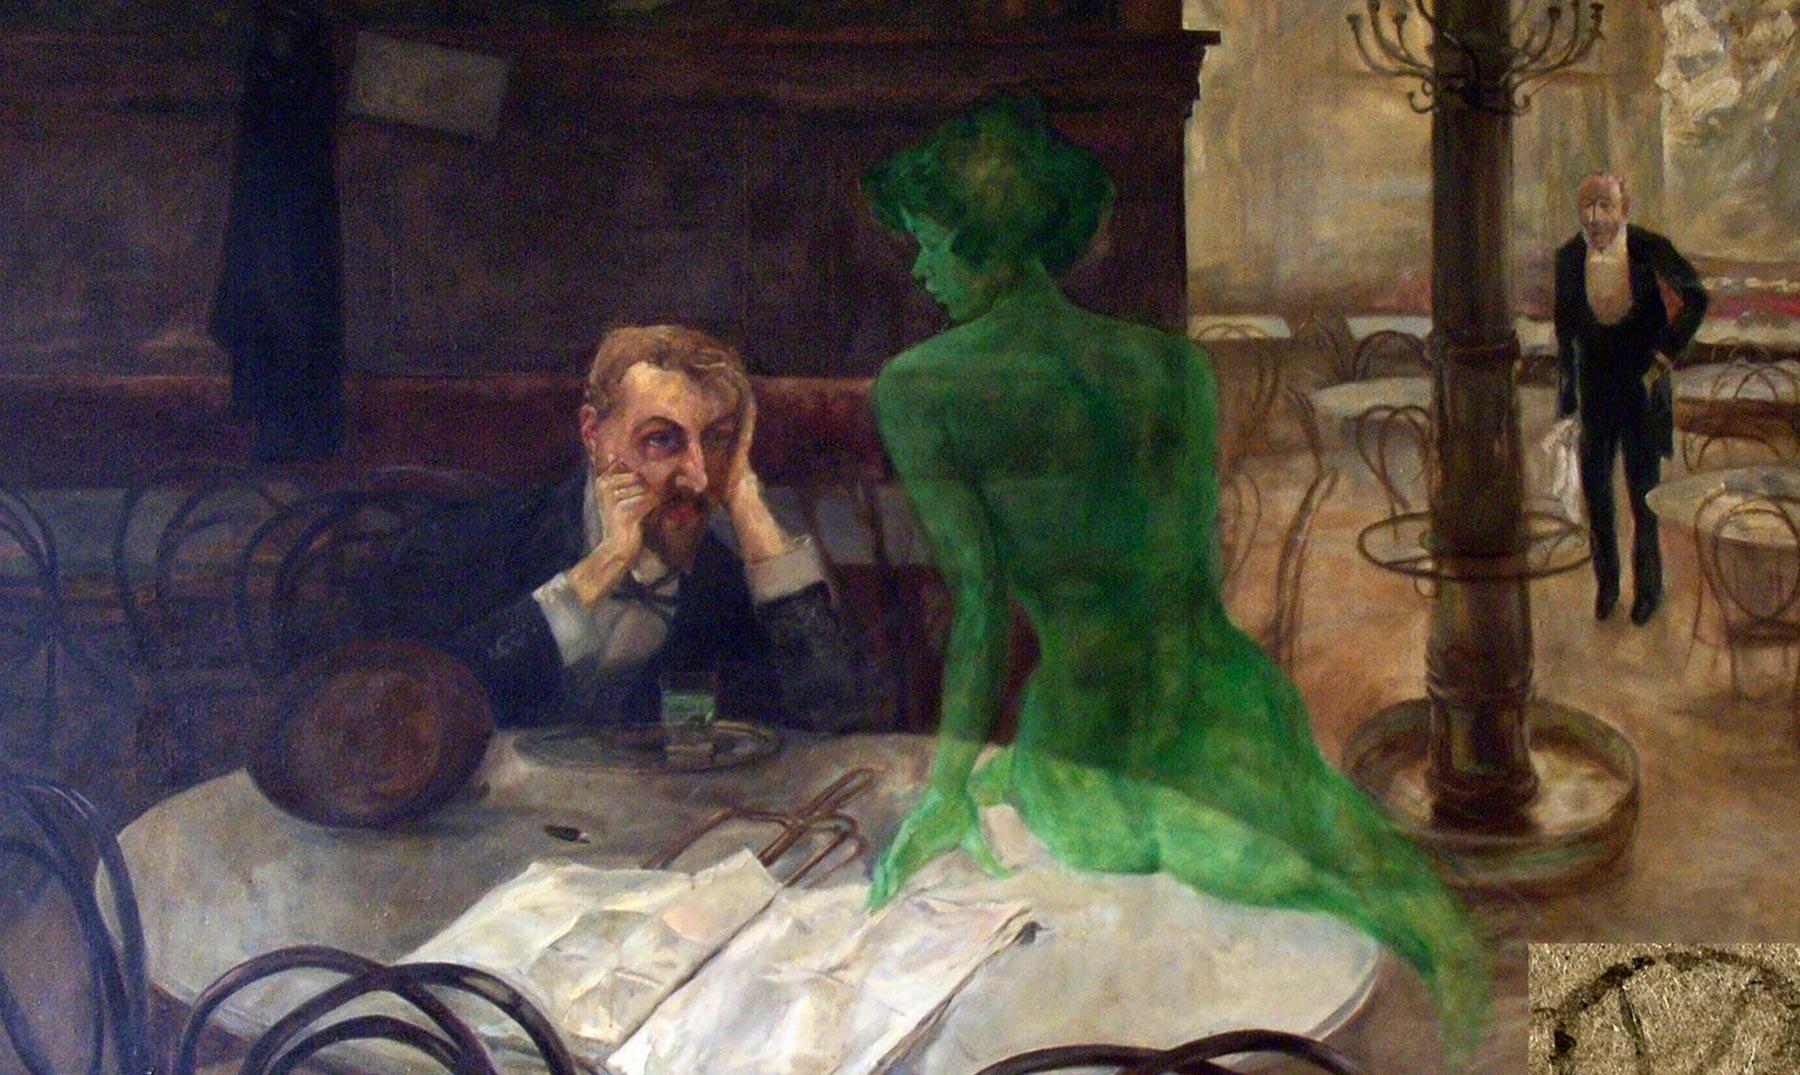 Absenta. ¿Qué sabes del licor del hada verde? Descubre más